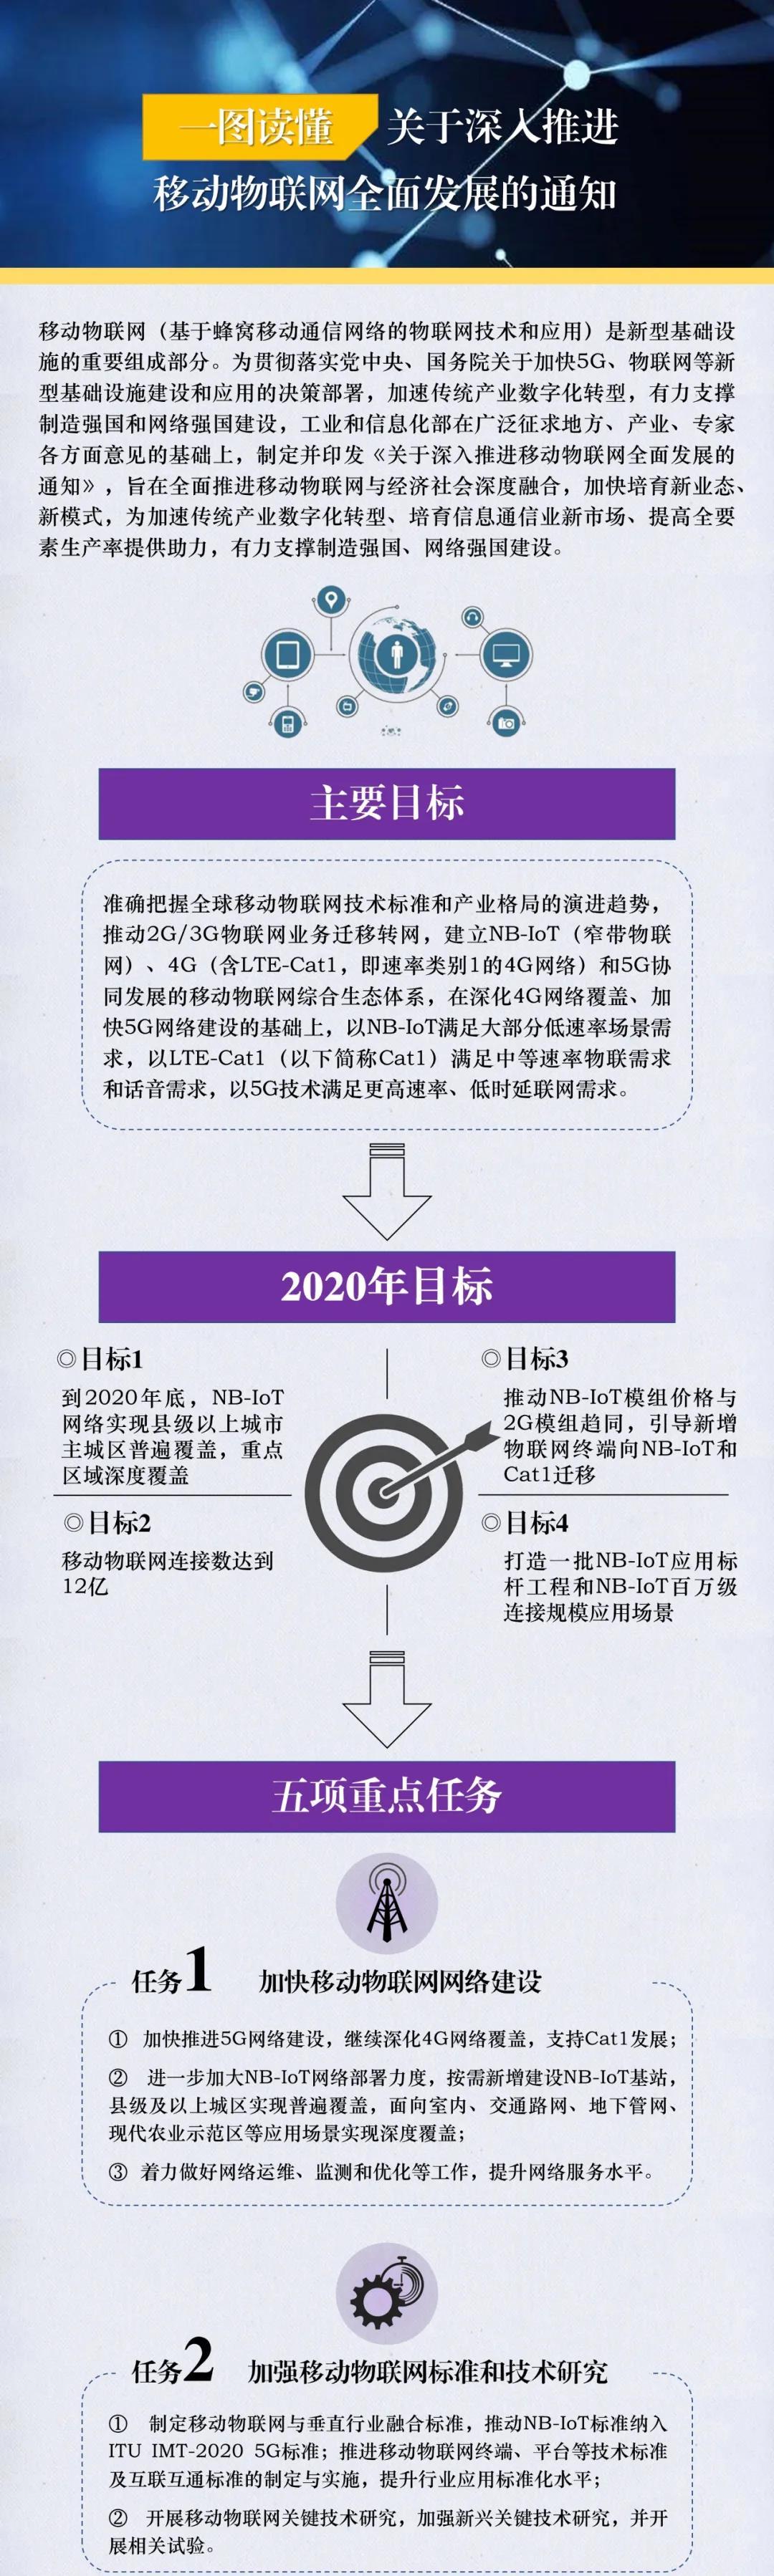 工信部如何推进移动物联网全面发展?一图读懂!